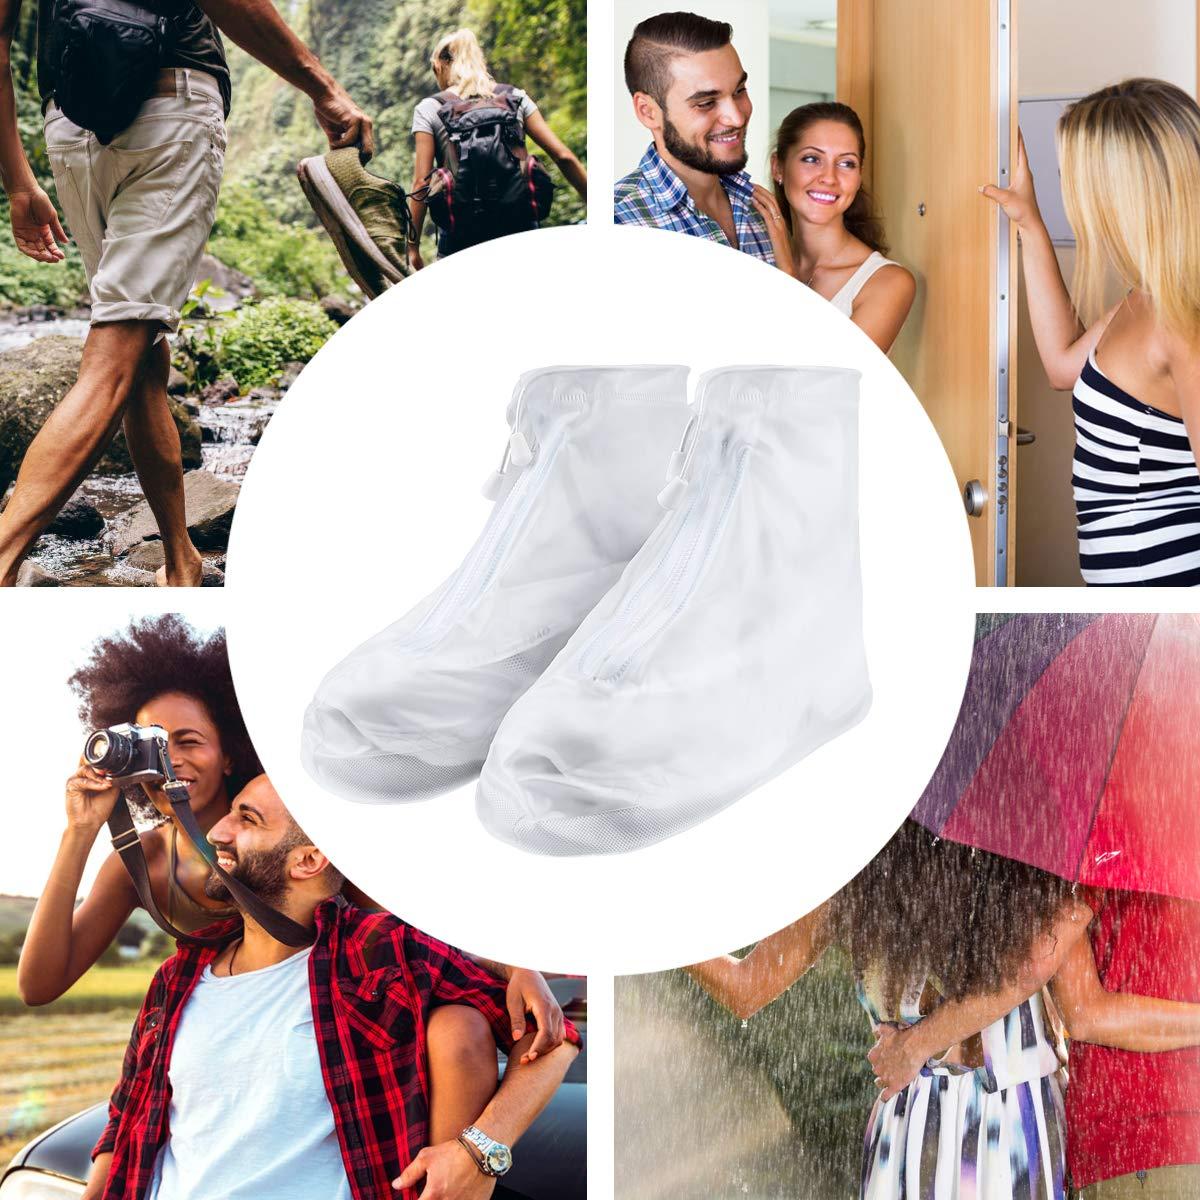 Hillup 雨鞋套,可重复使用雨水旅行户外防水鞋套,男女皆宜,保持鞋干爽干净